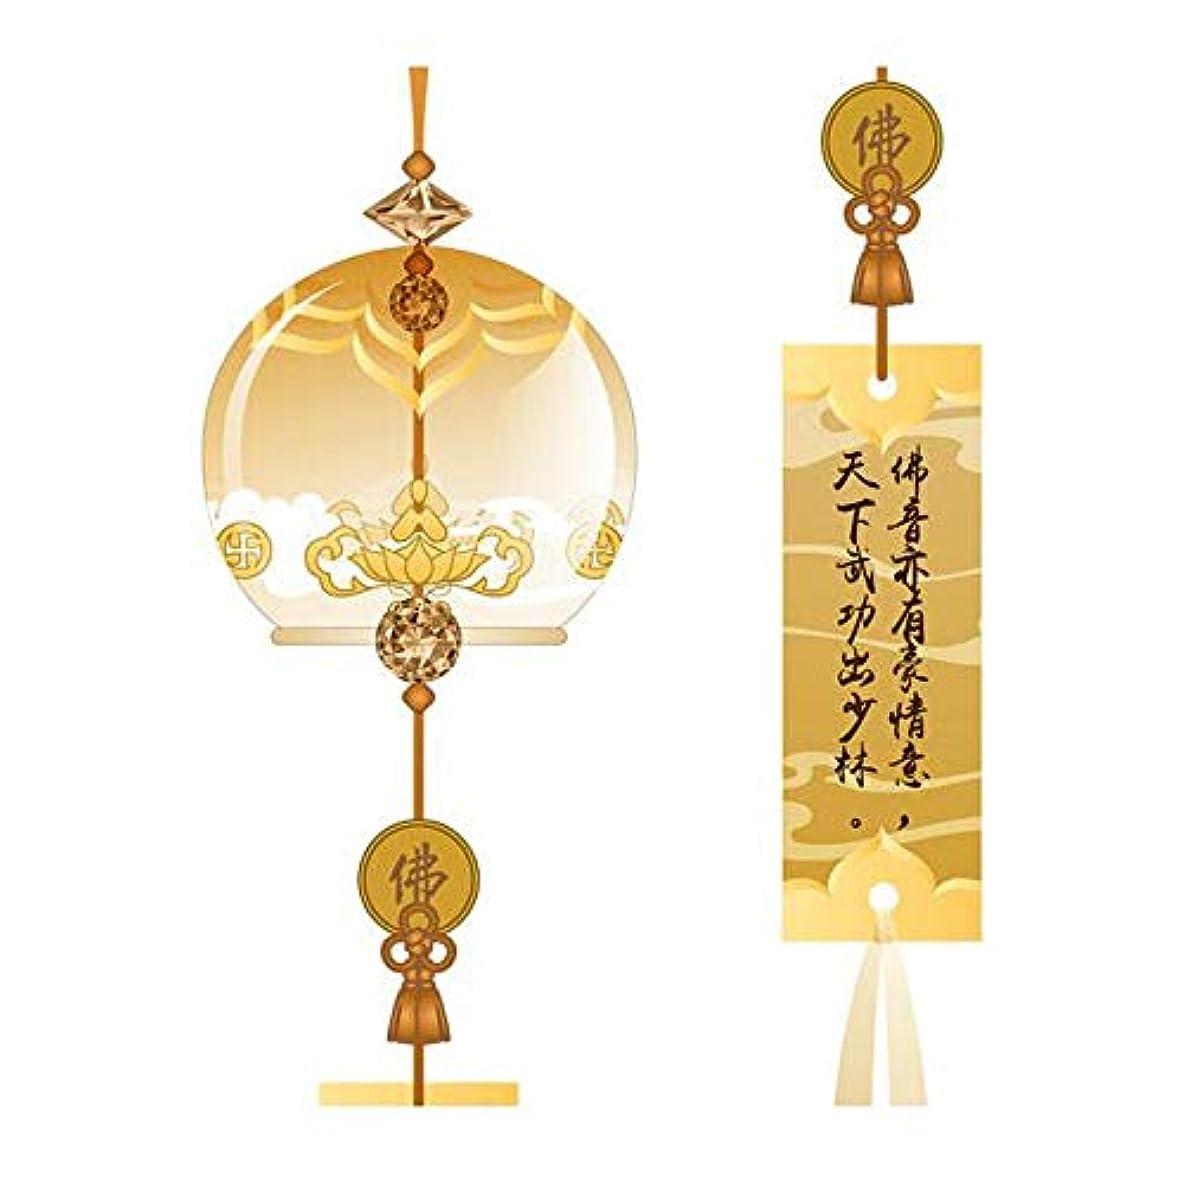 貧しい偶然の第Fengshangshanghang 風チャイム、クリスタルクリアガラスの風チャイム、グリーン、全身について31センチメートル,家の装飾 (Color : Yellow-B)